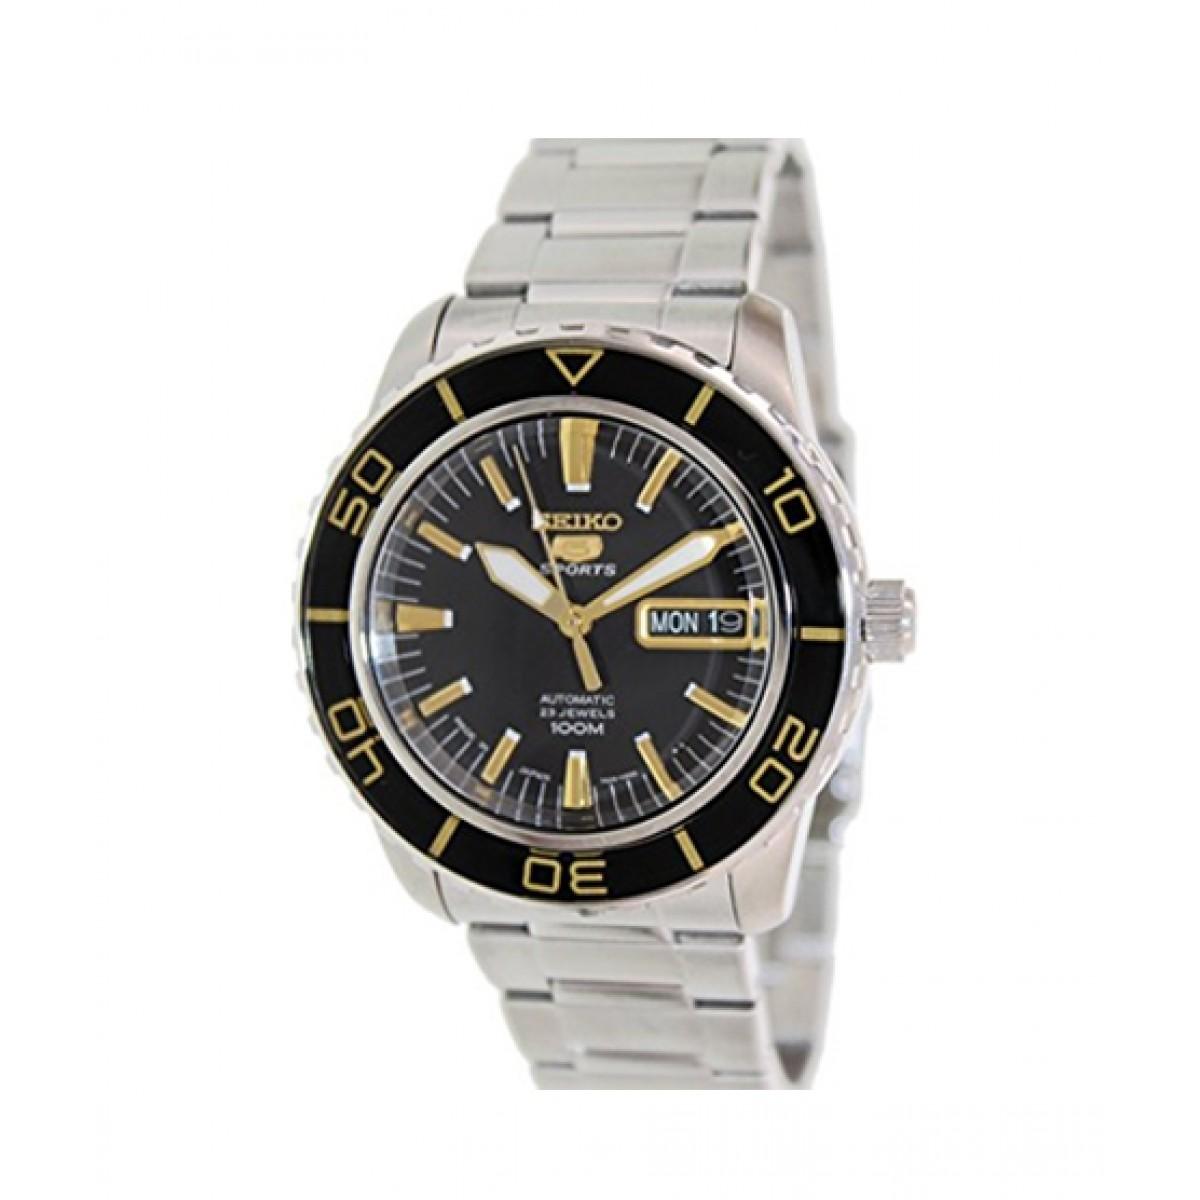 b9d825e9a Seiko 5 Sports Men's Watch Silver Price in Pakistan | Buy Seiko Men's Watch  Silver (SNZH57J1) | iShopping.pk